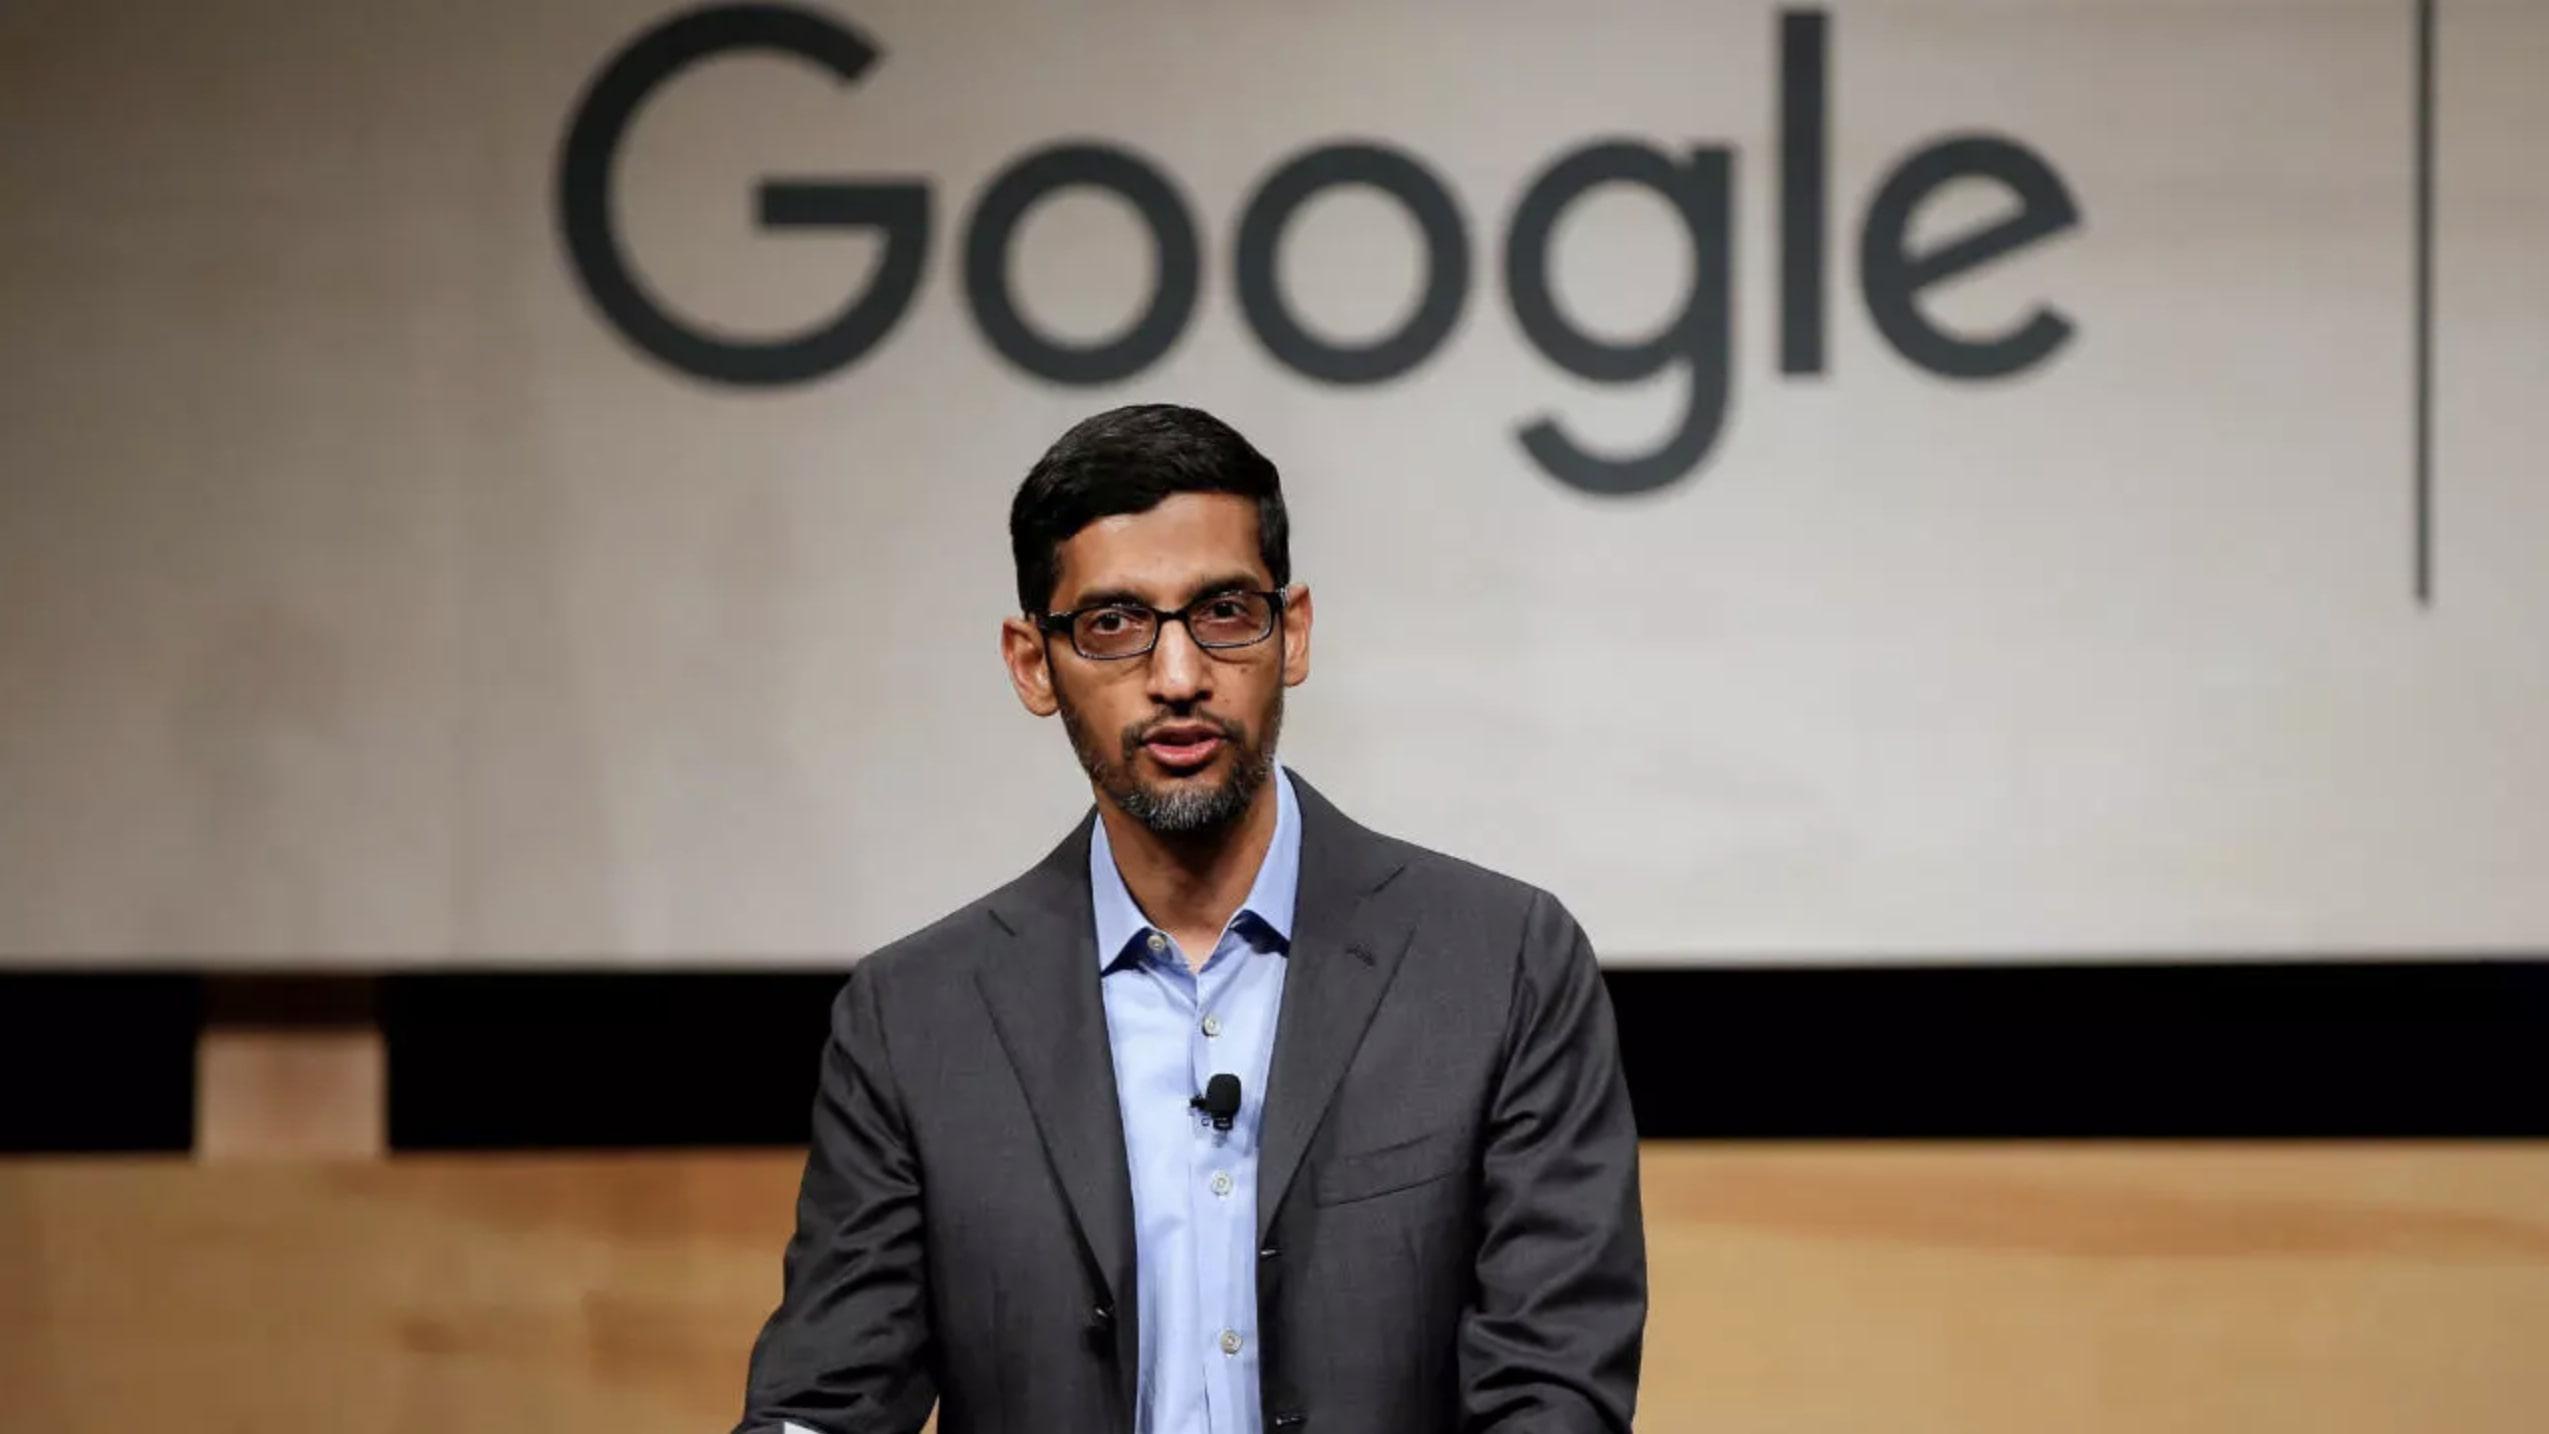 Google registra lucro de us$ 61,9 bi e fecha semestre em alta